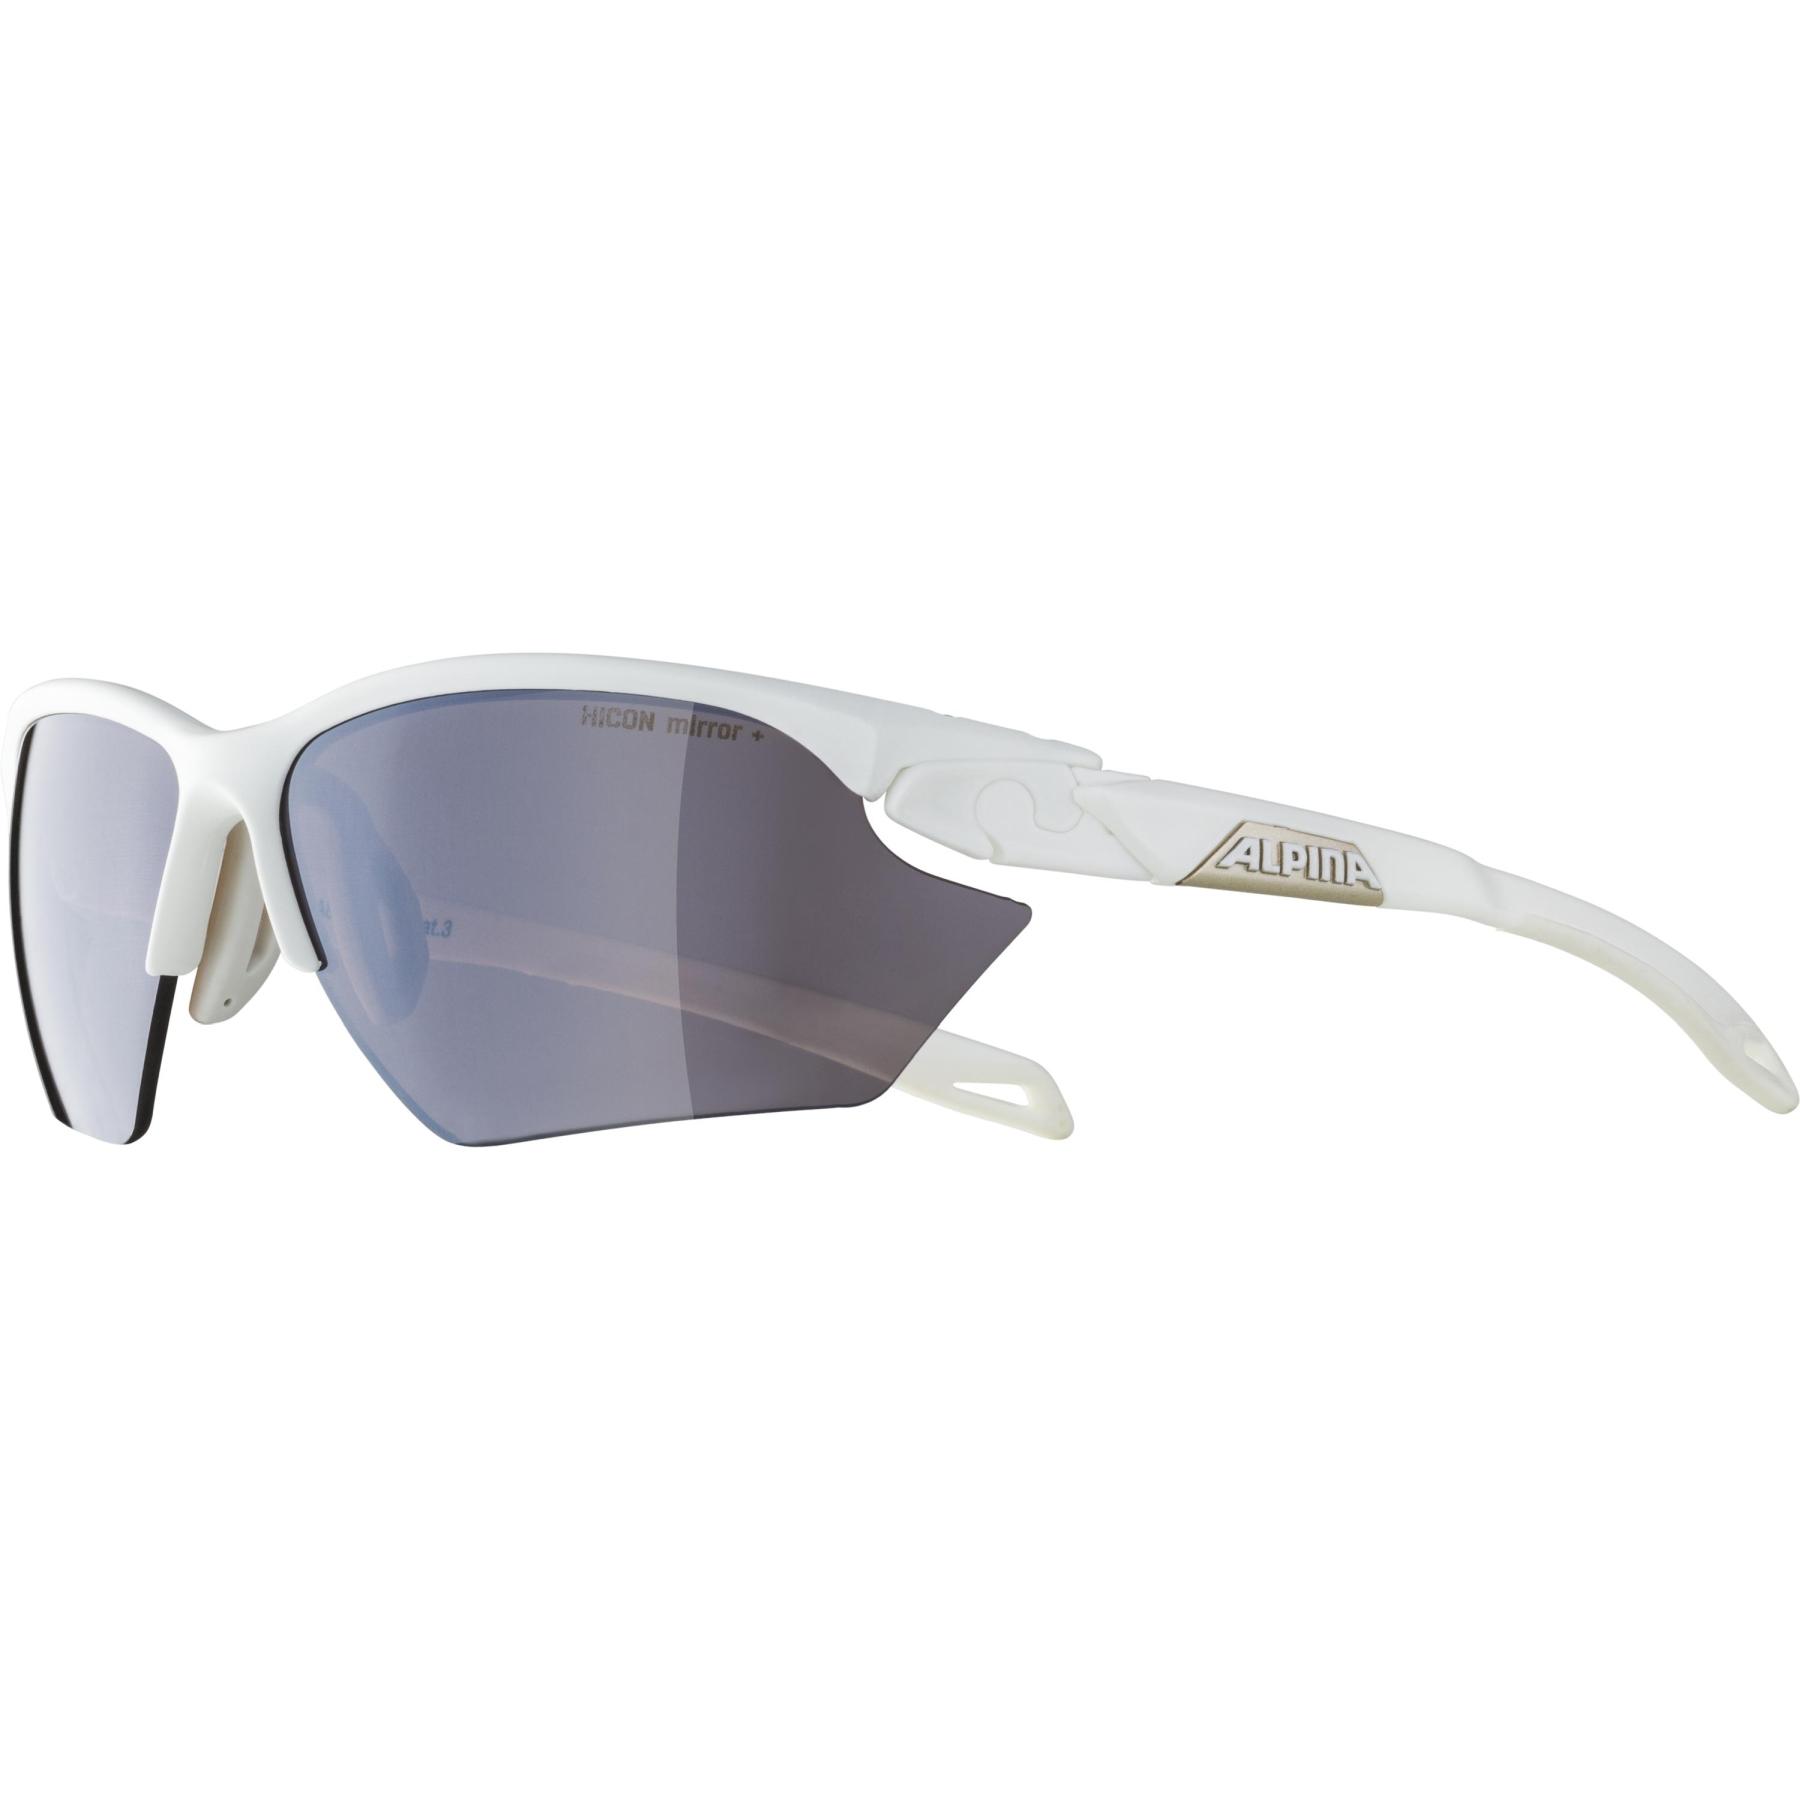 Image of Alpina Twist five HR S HM+ Glasses - white matt / Hicon black mirror